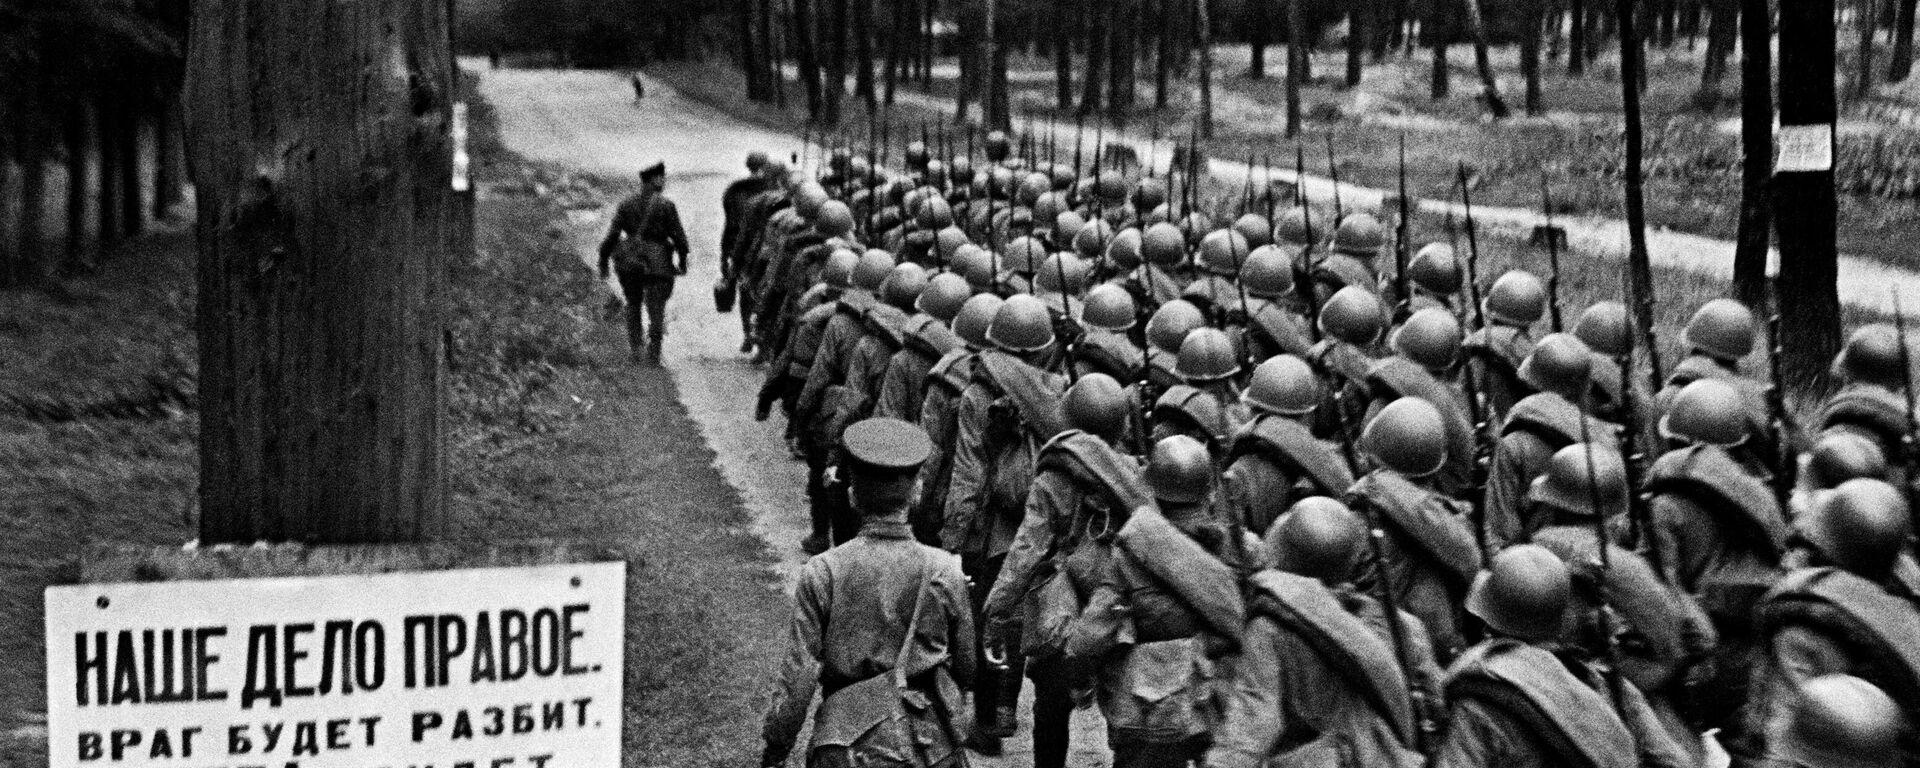 Мобилизация. Колонны бойцов движутся на фронт. Москва, 23 июня 1941 года. - Sputnik Latvija, 1920, 27.06.2021